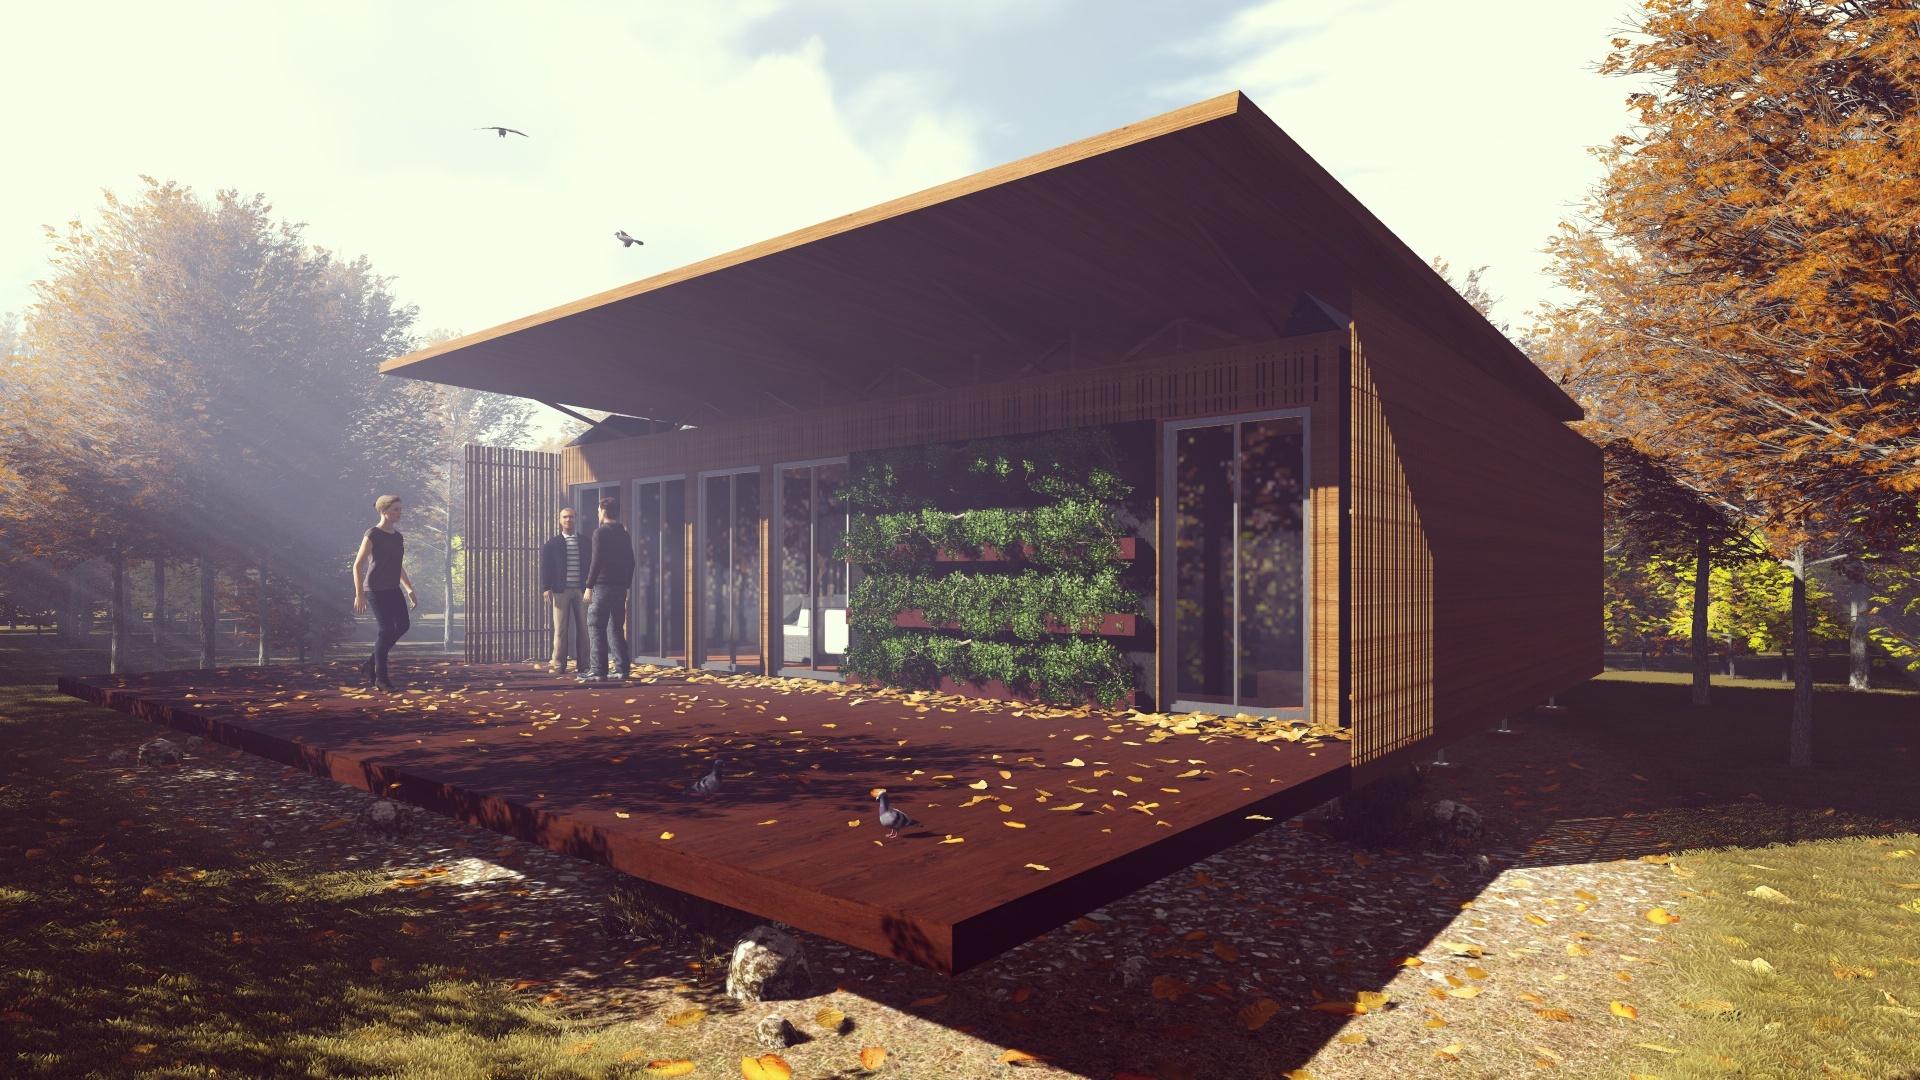 La casa uruguaya gana el solar decathlon am rica latina for Construccion de casas bioclimaticas